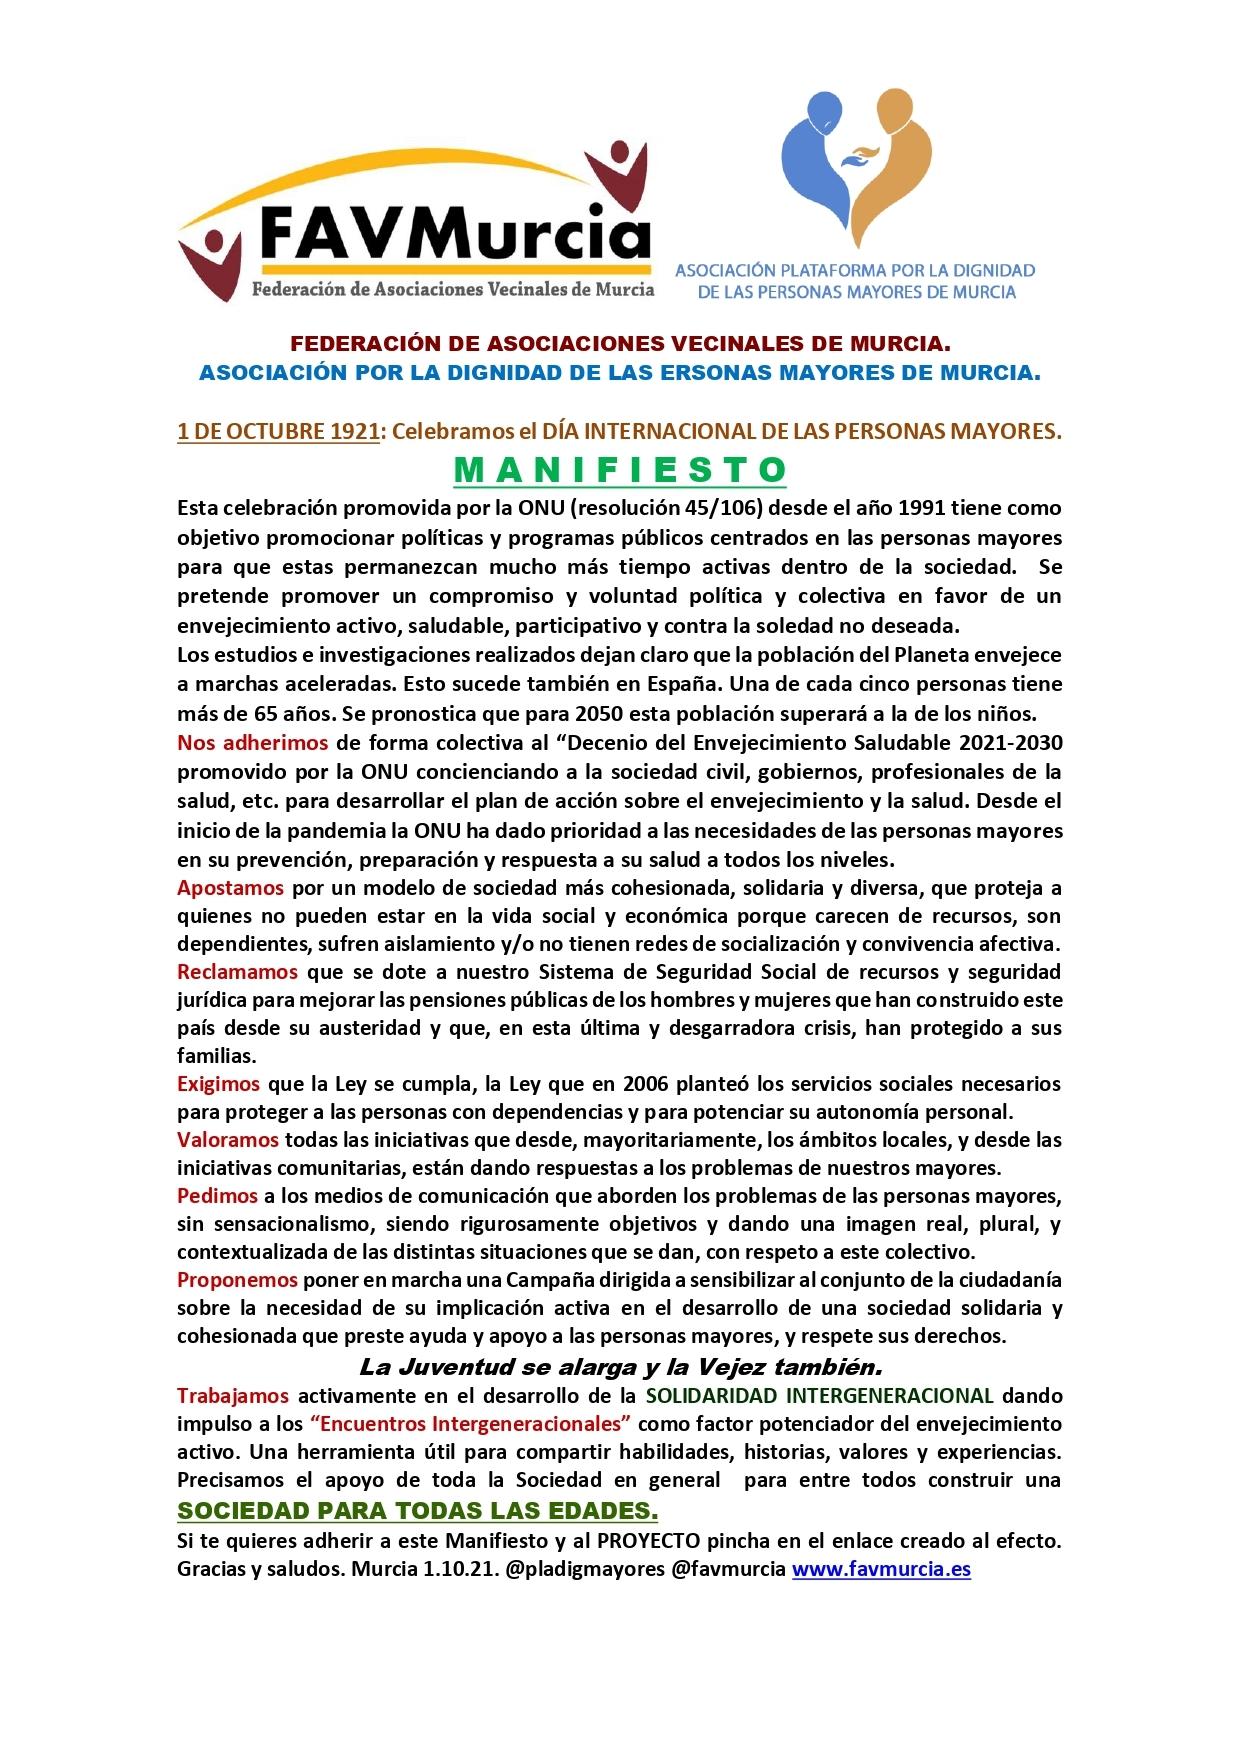 2021-10-01 Manifiesto Día Internacional de las Personas Mayores